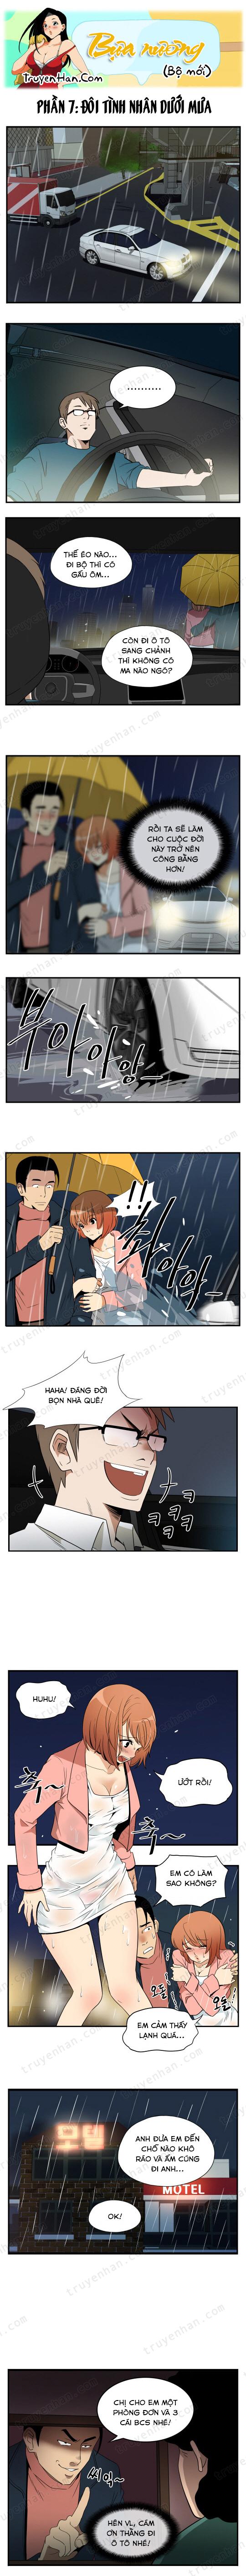 Bựa nương (bộ mới) phần 7: Đôi tình nhân dưới mưa